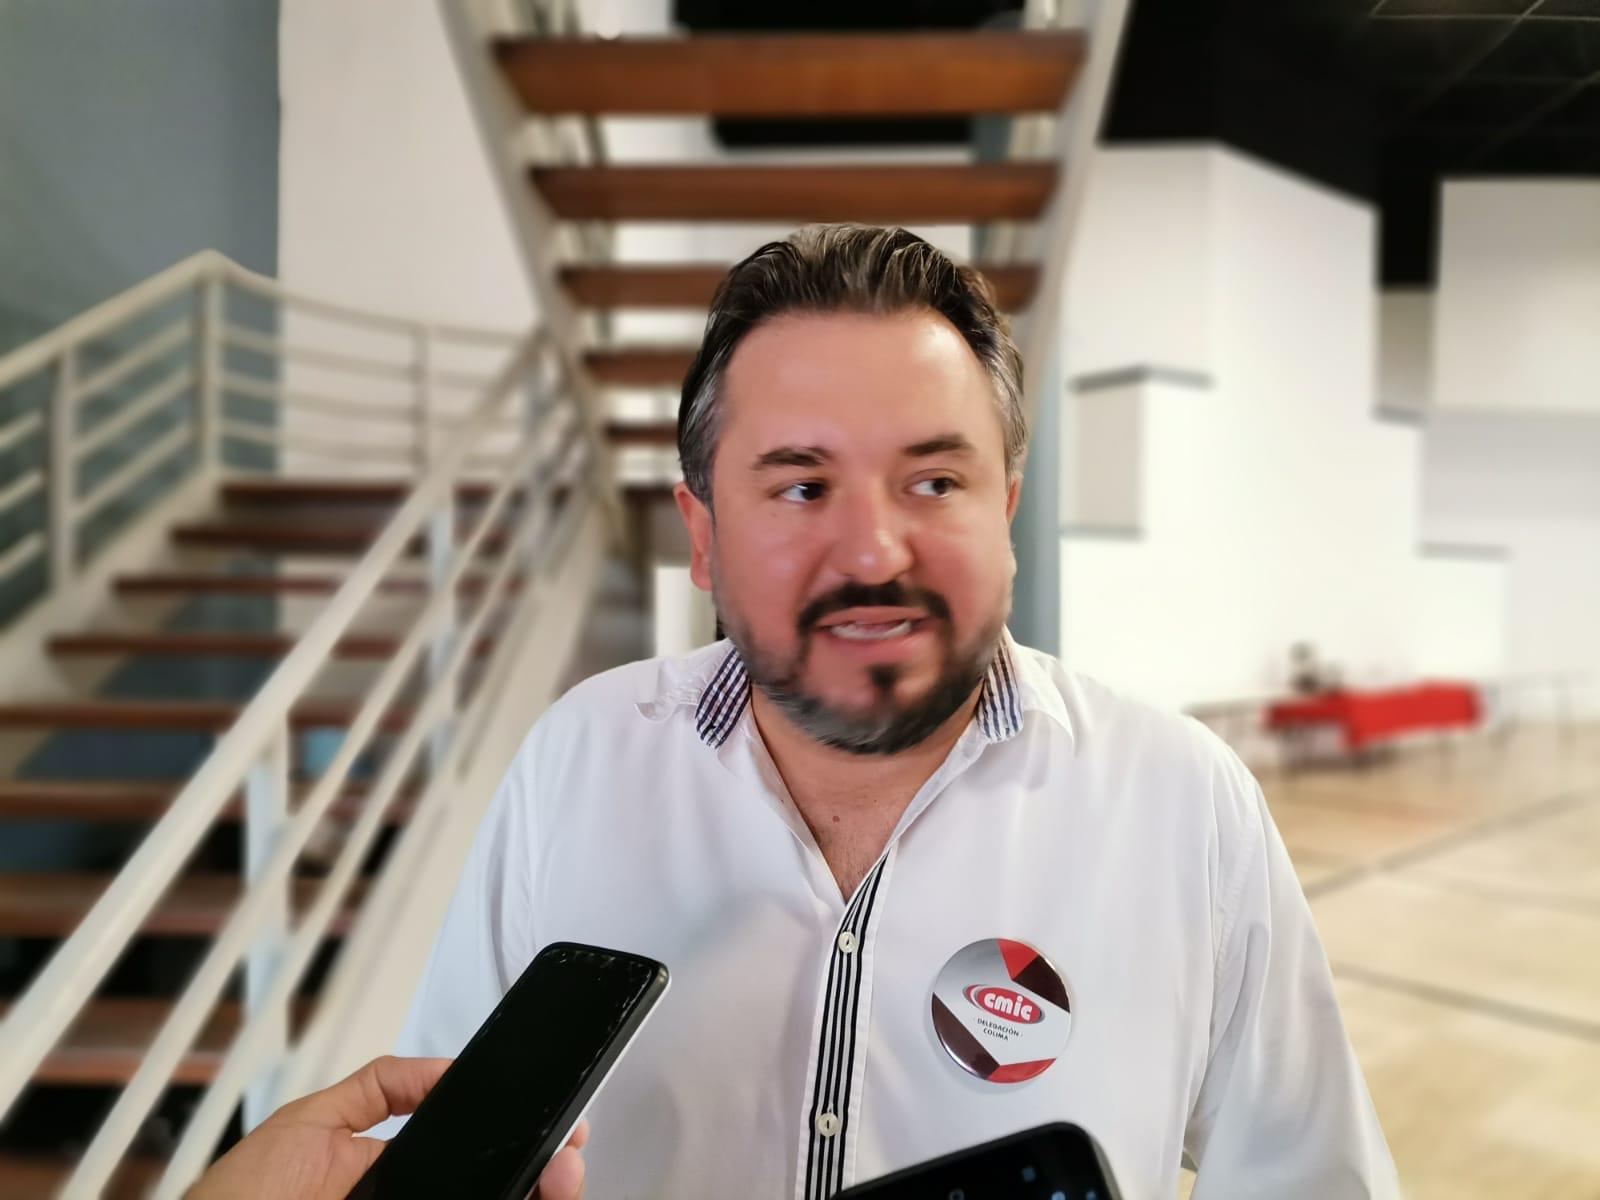 Colima segundo estado con mayor decrecimiento en materia de infraestructura: CMIC